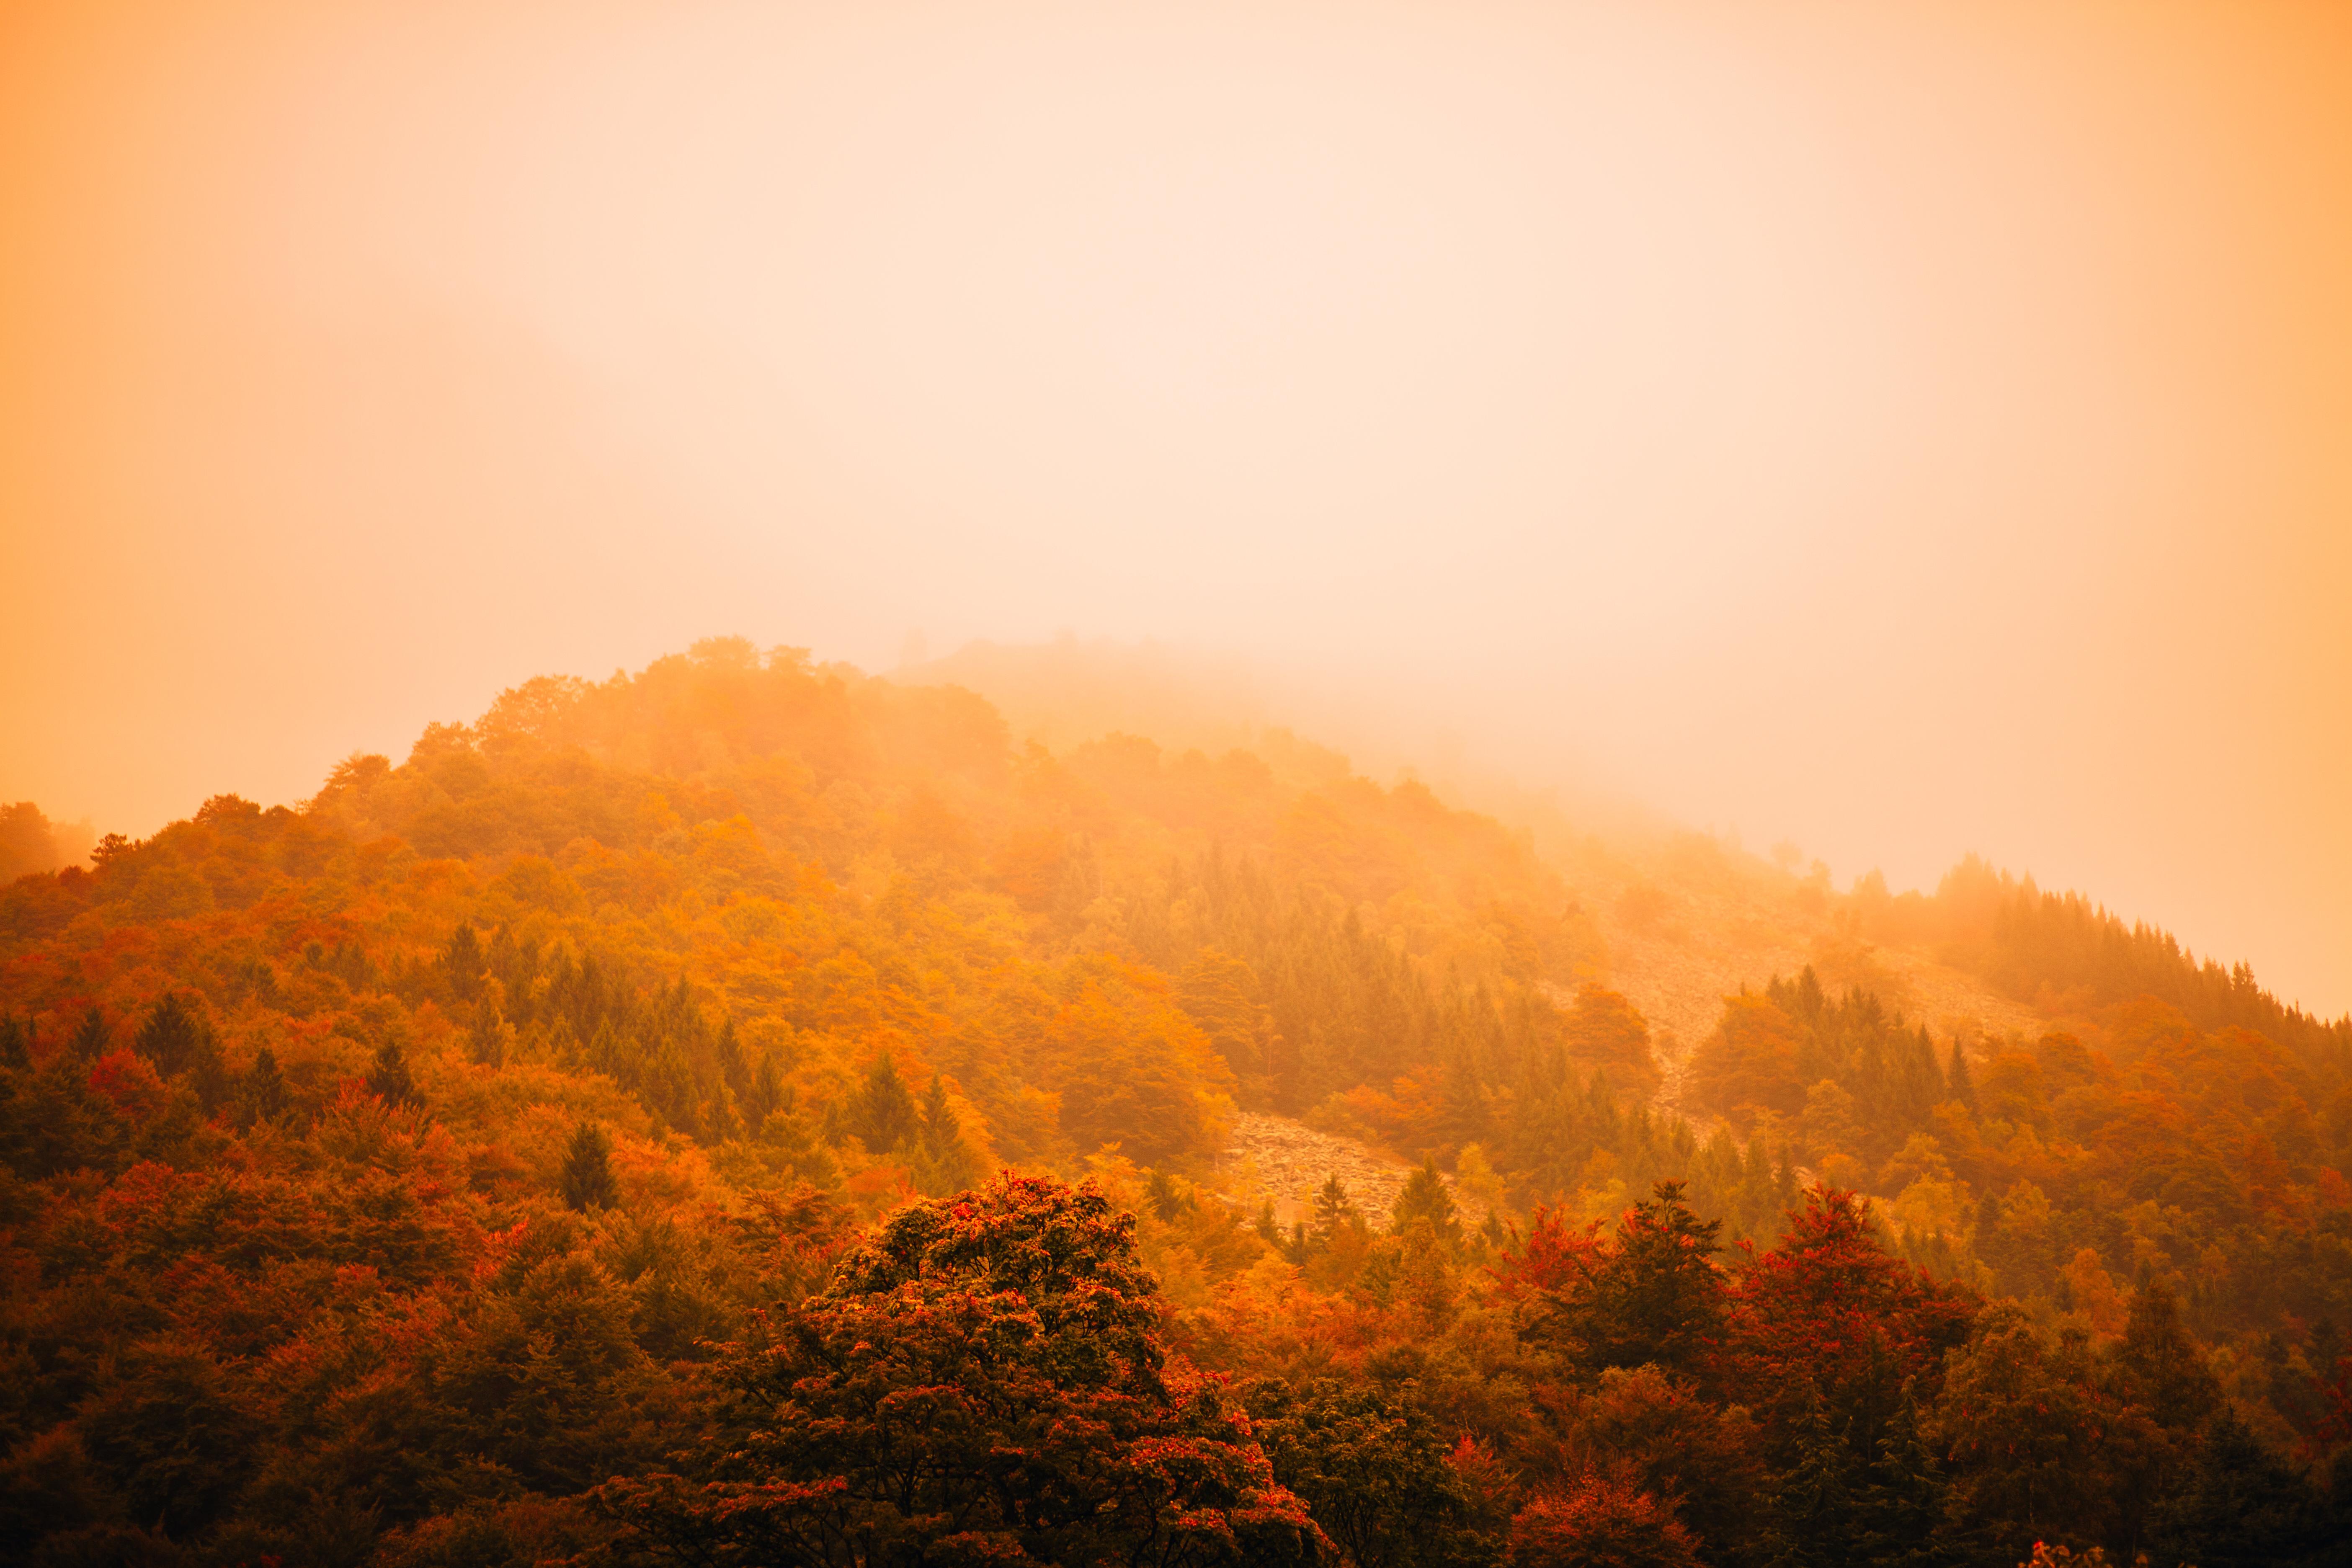 Autumn Fog, cold, autumn, trees, yellow, golden, mist, yellow trees, tree tops